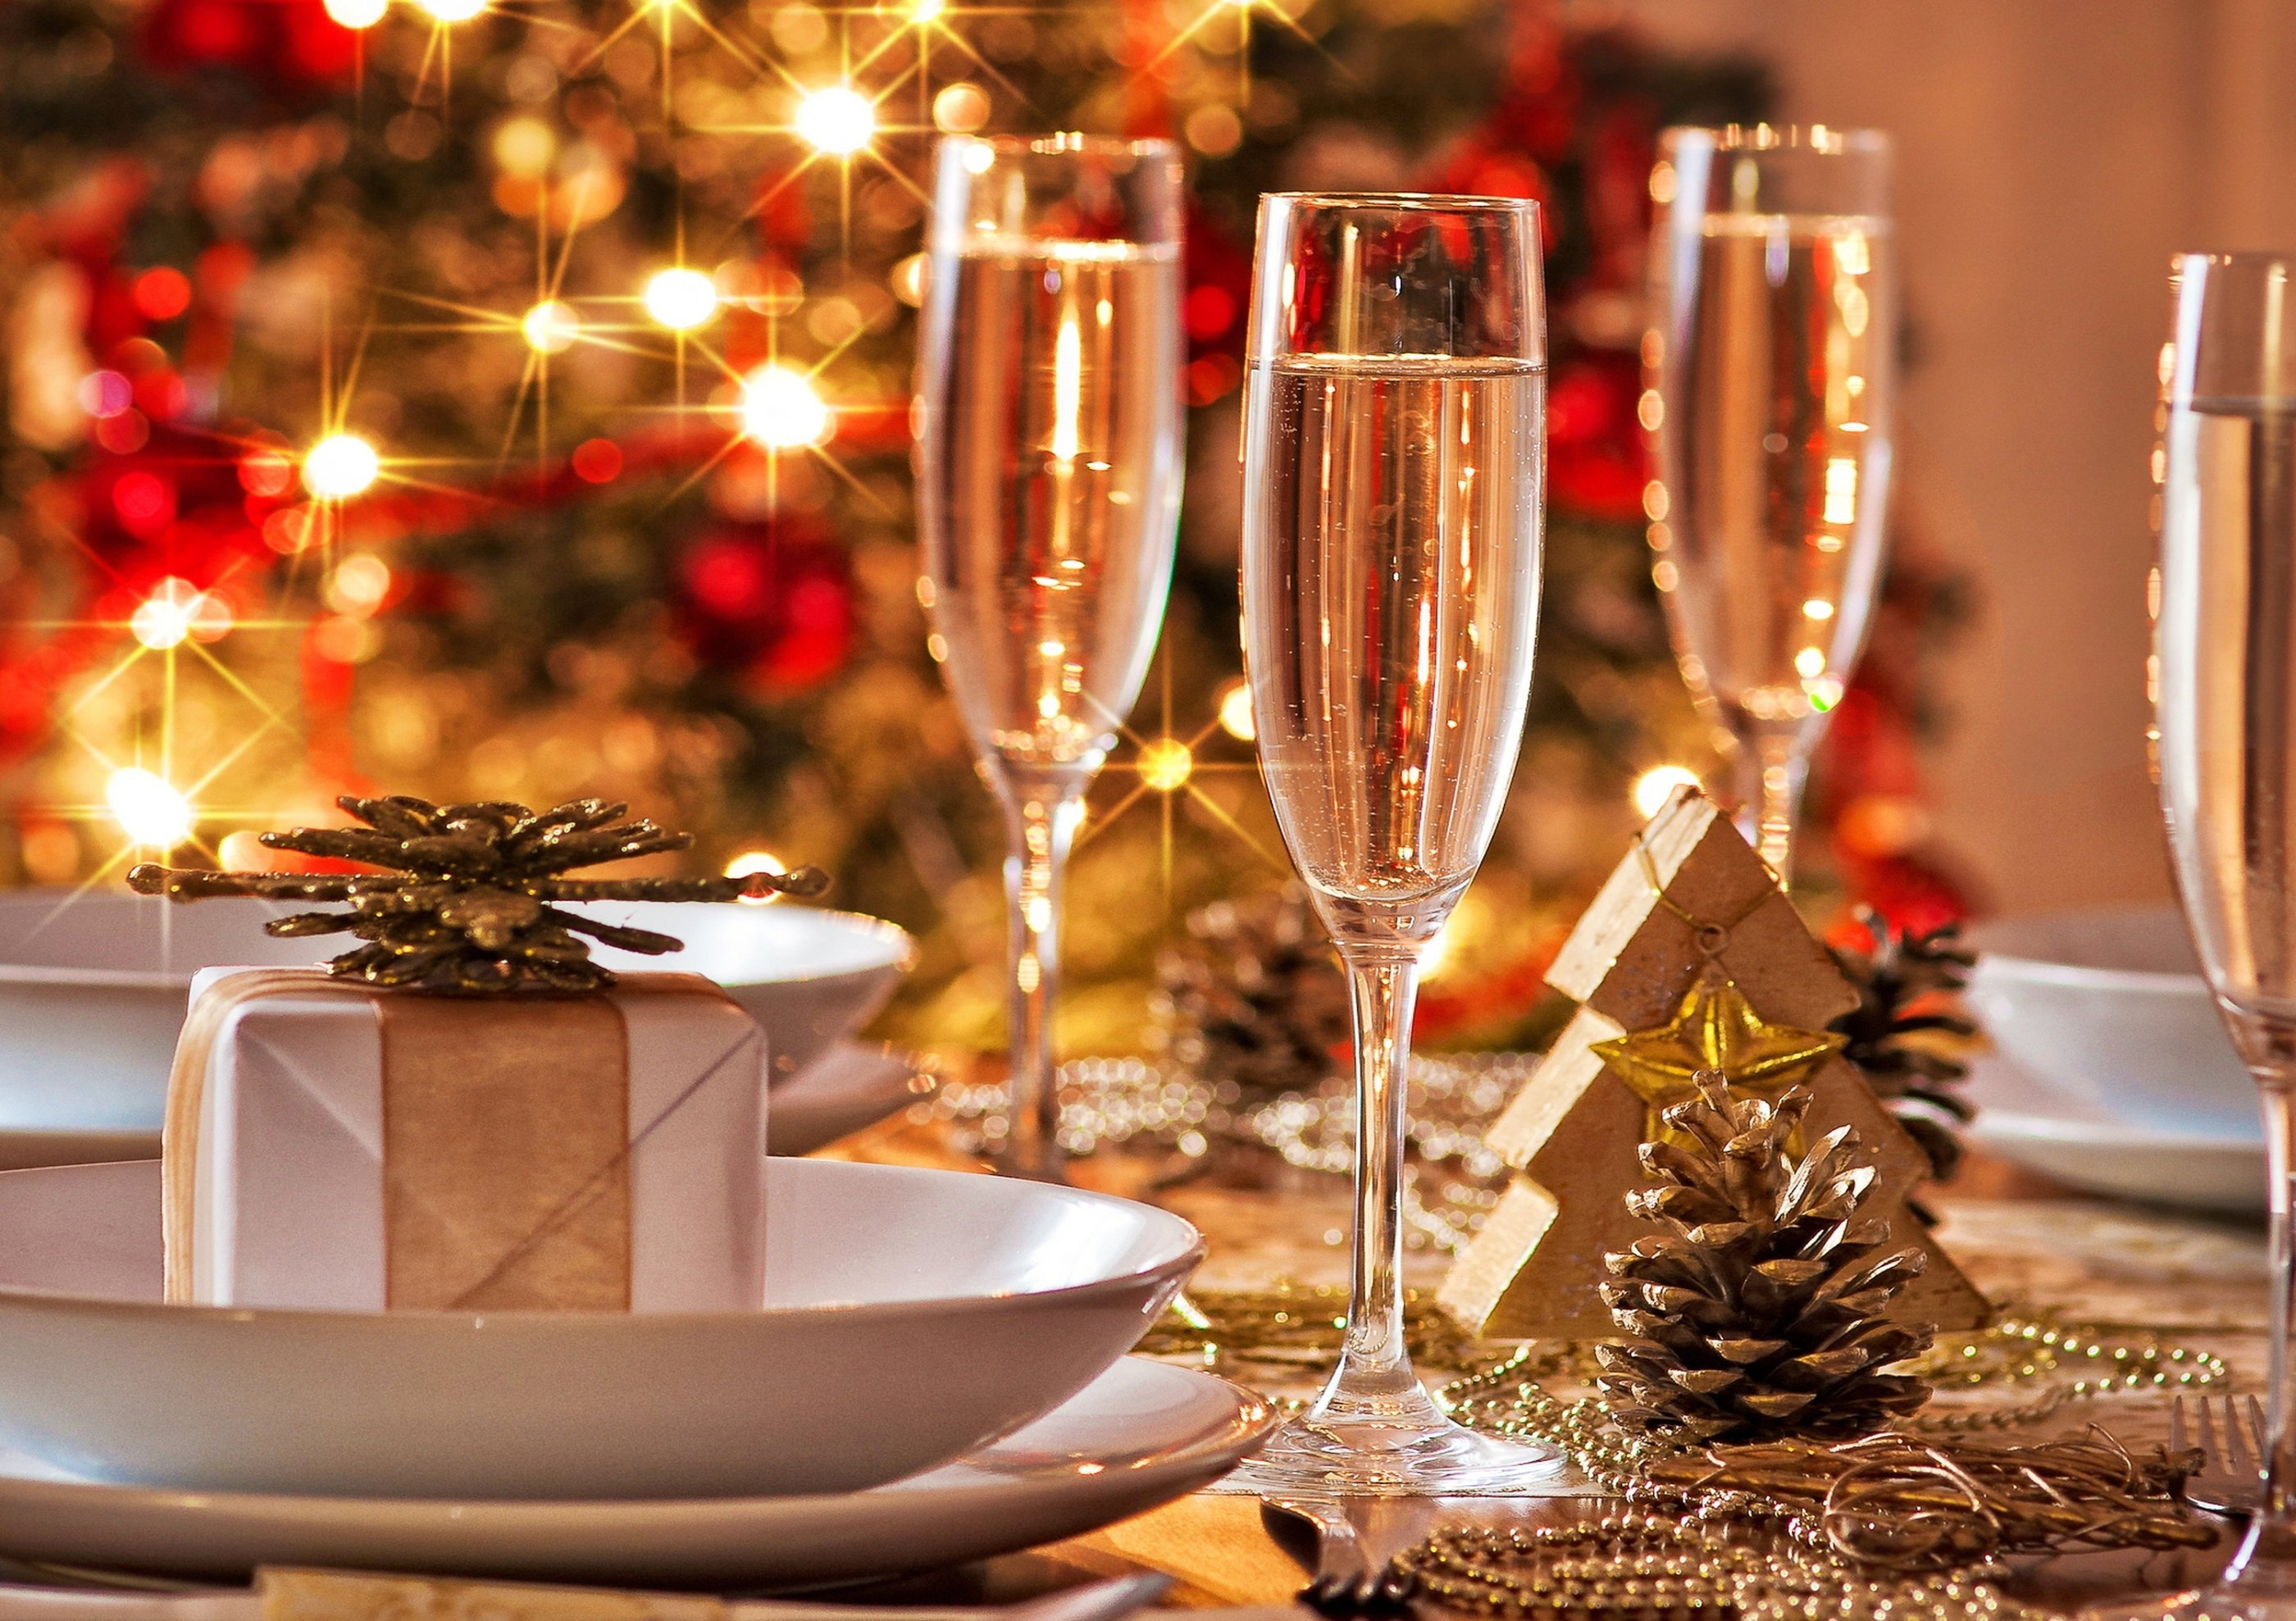 Допустимой дозой алкоголя на Новый год названа одна стопка крепкого напитка